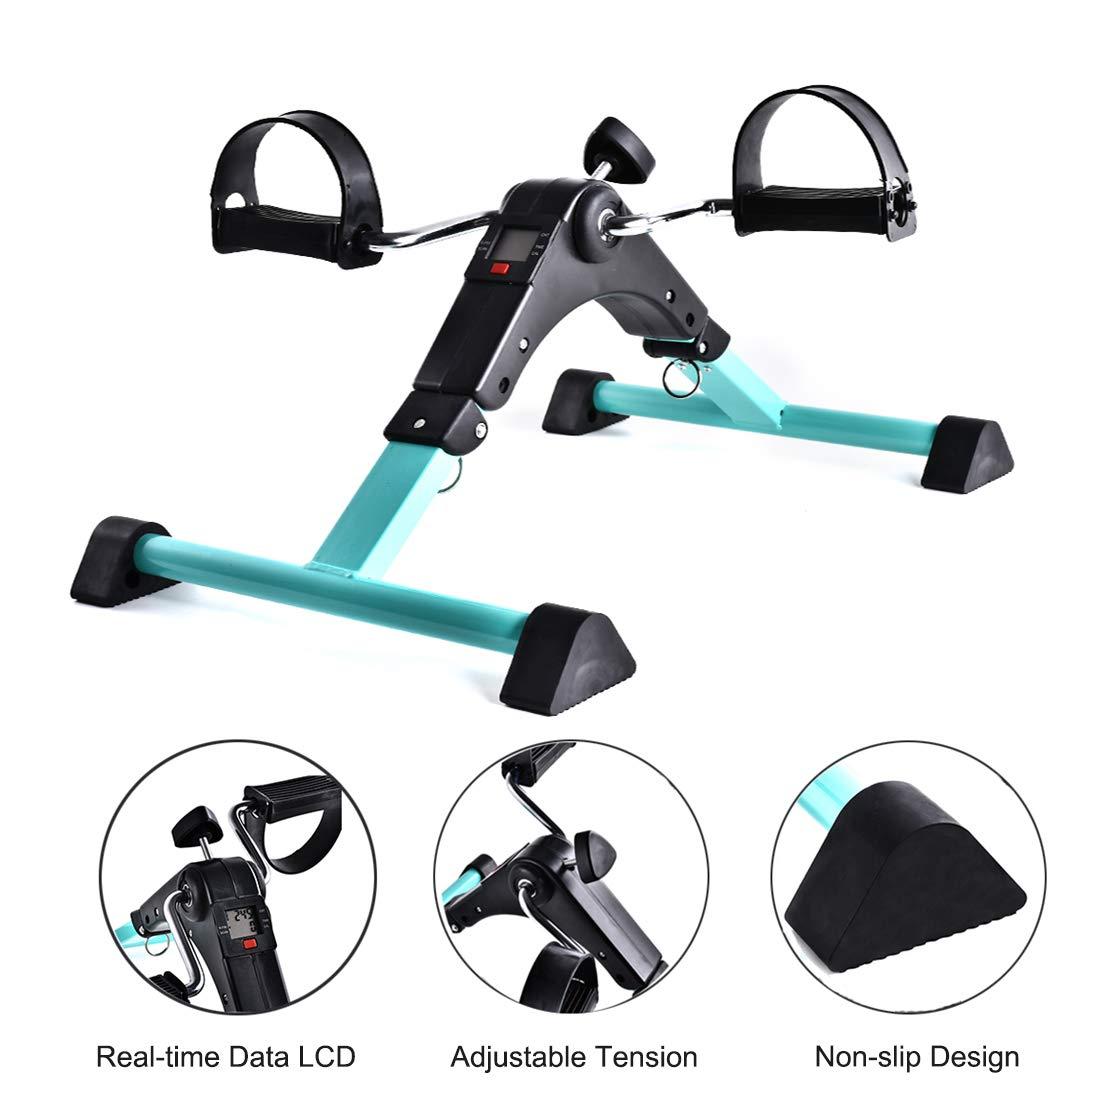 Tangici Portable Pedal Exerciser-Mini Stationary Bike-Arm & Leg Exercise Peddler-Fitness Equipment for Seniors and Elderly